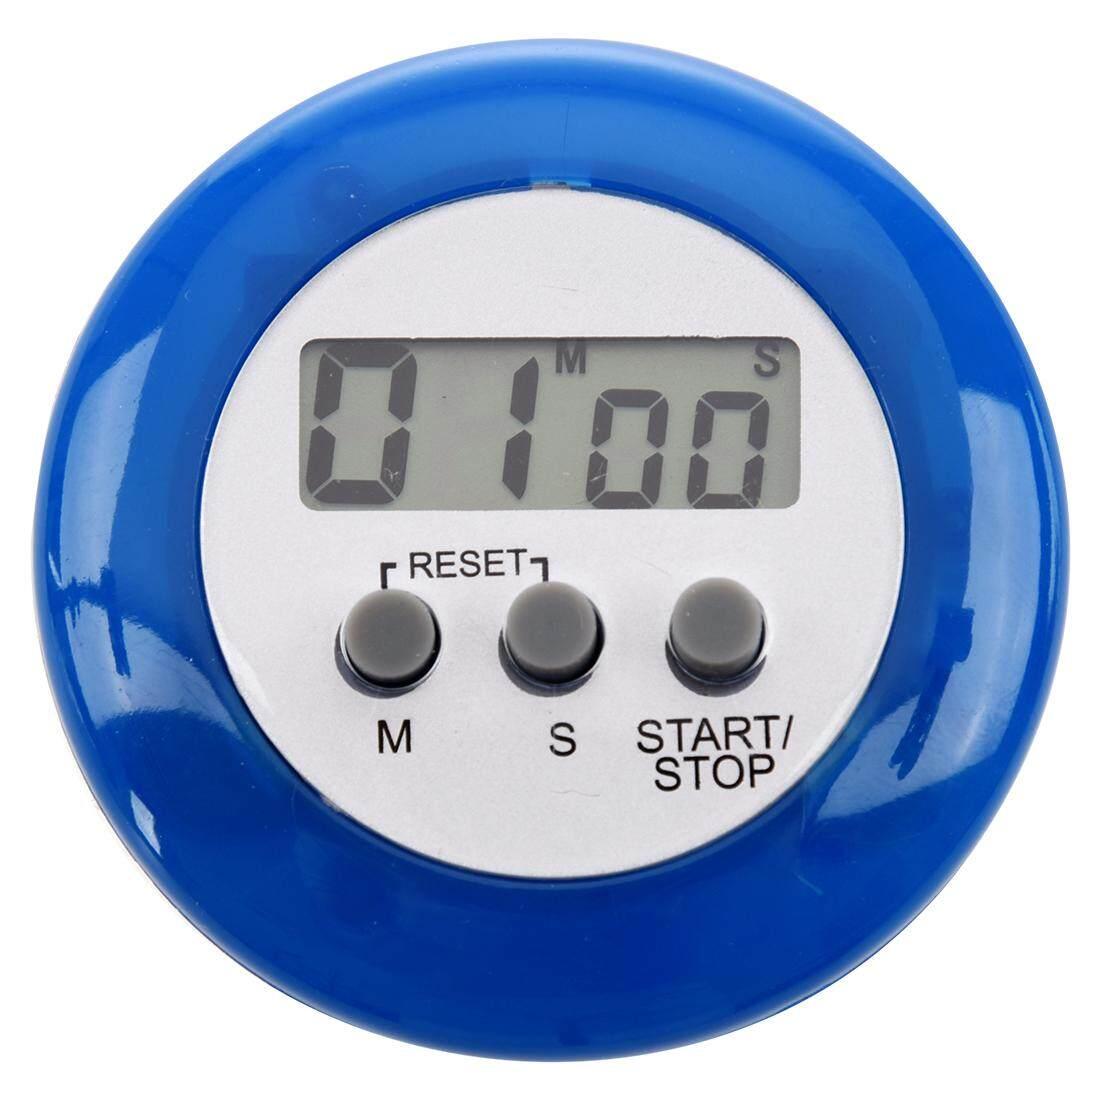 Biru Digital Elektronik Magnetik Dapur Penghitung Waktu-Internasional